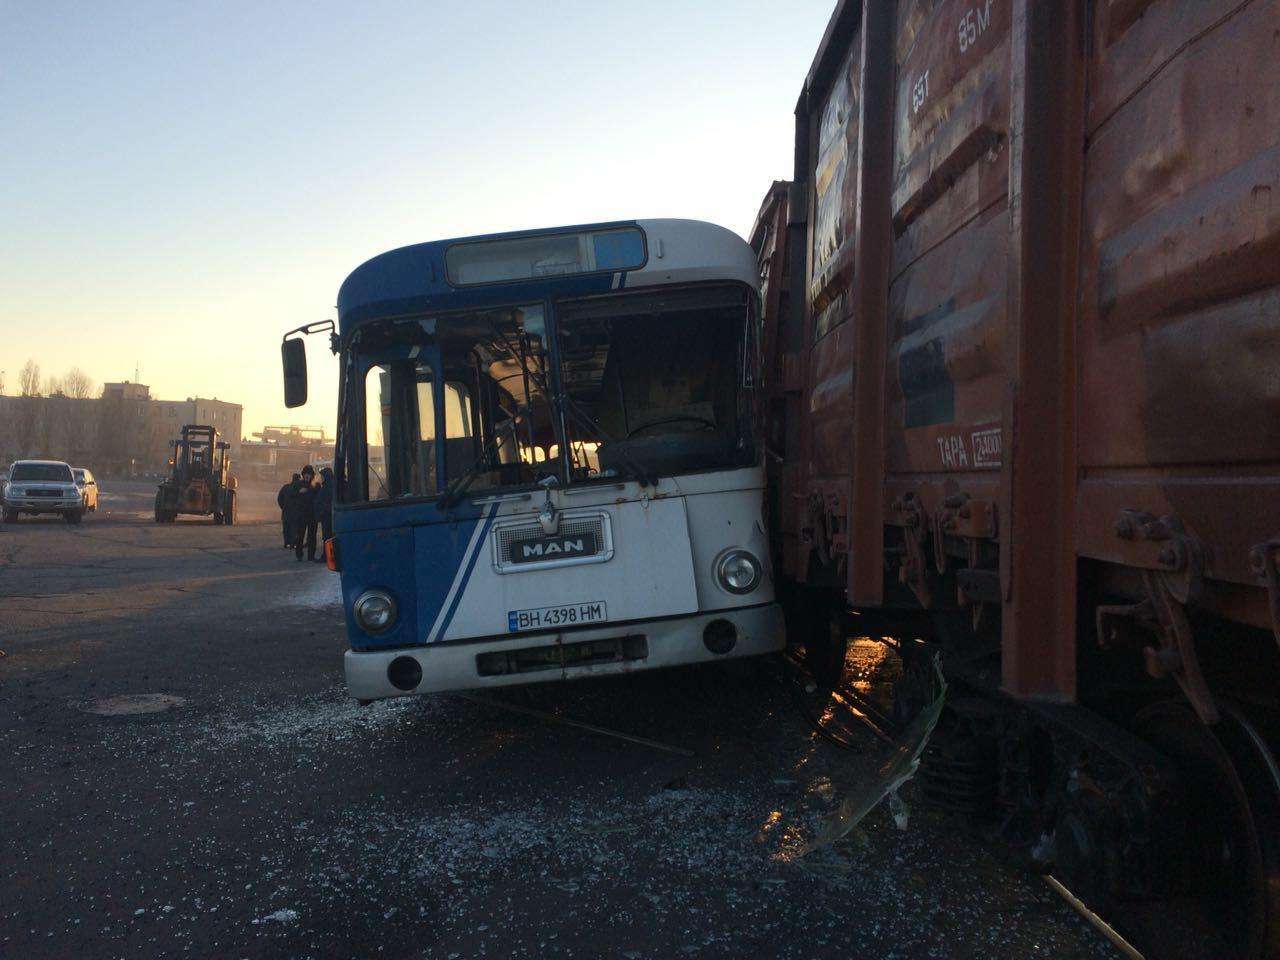 В Черноморске столкнулись поезд и автобус: есть пострадавшие